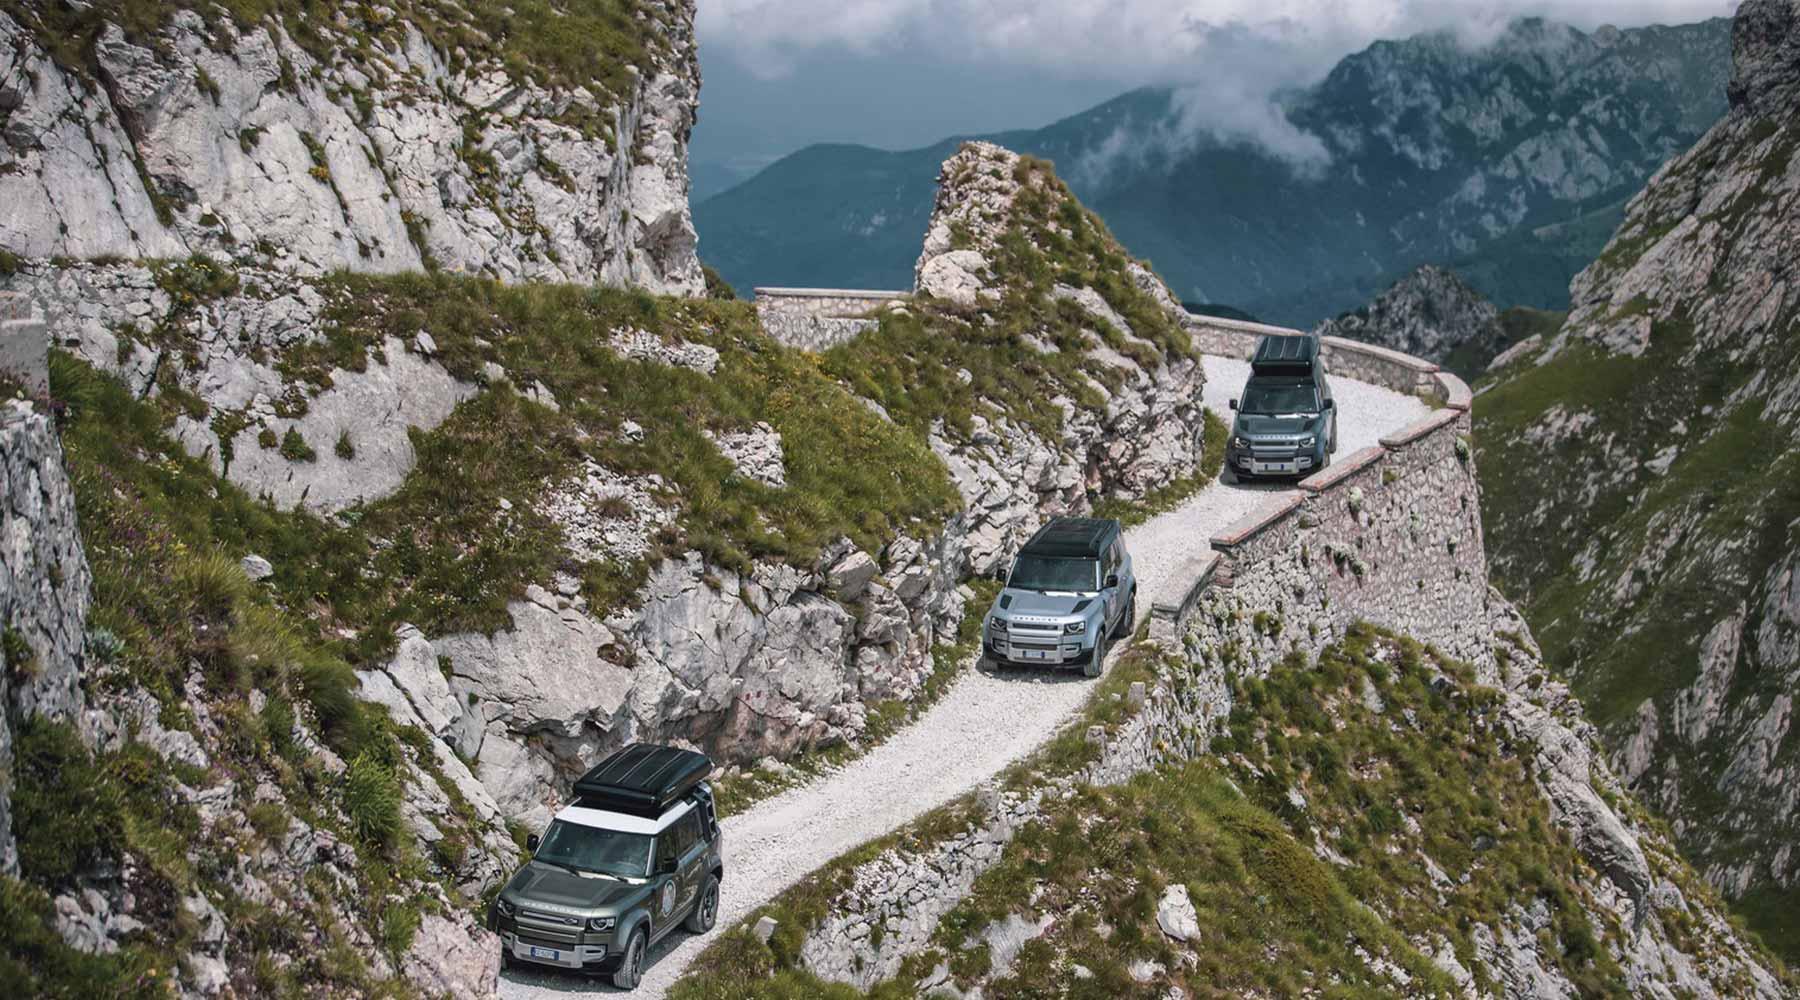 Land_Rover_Day_Via_del_Sale_Land_Rover_Experience_italia